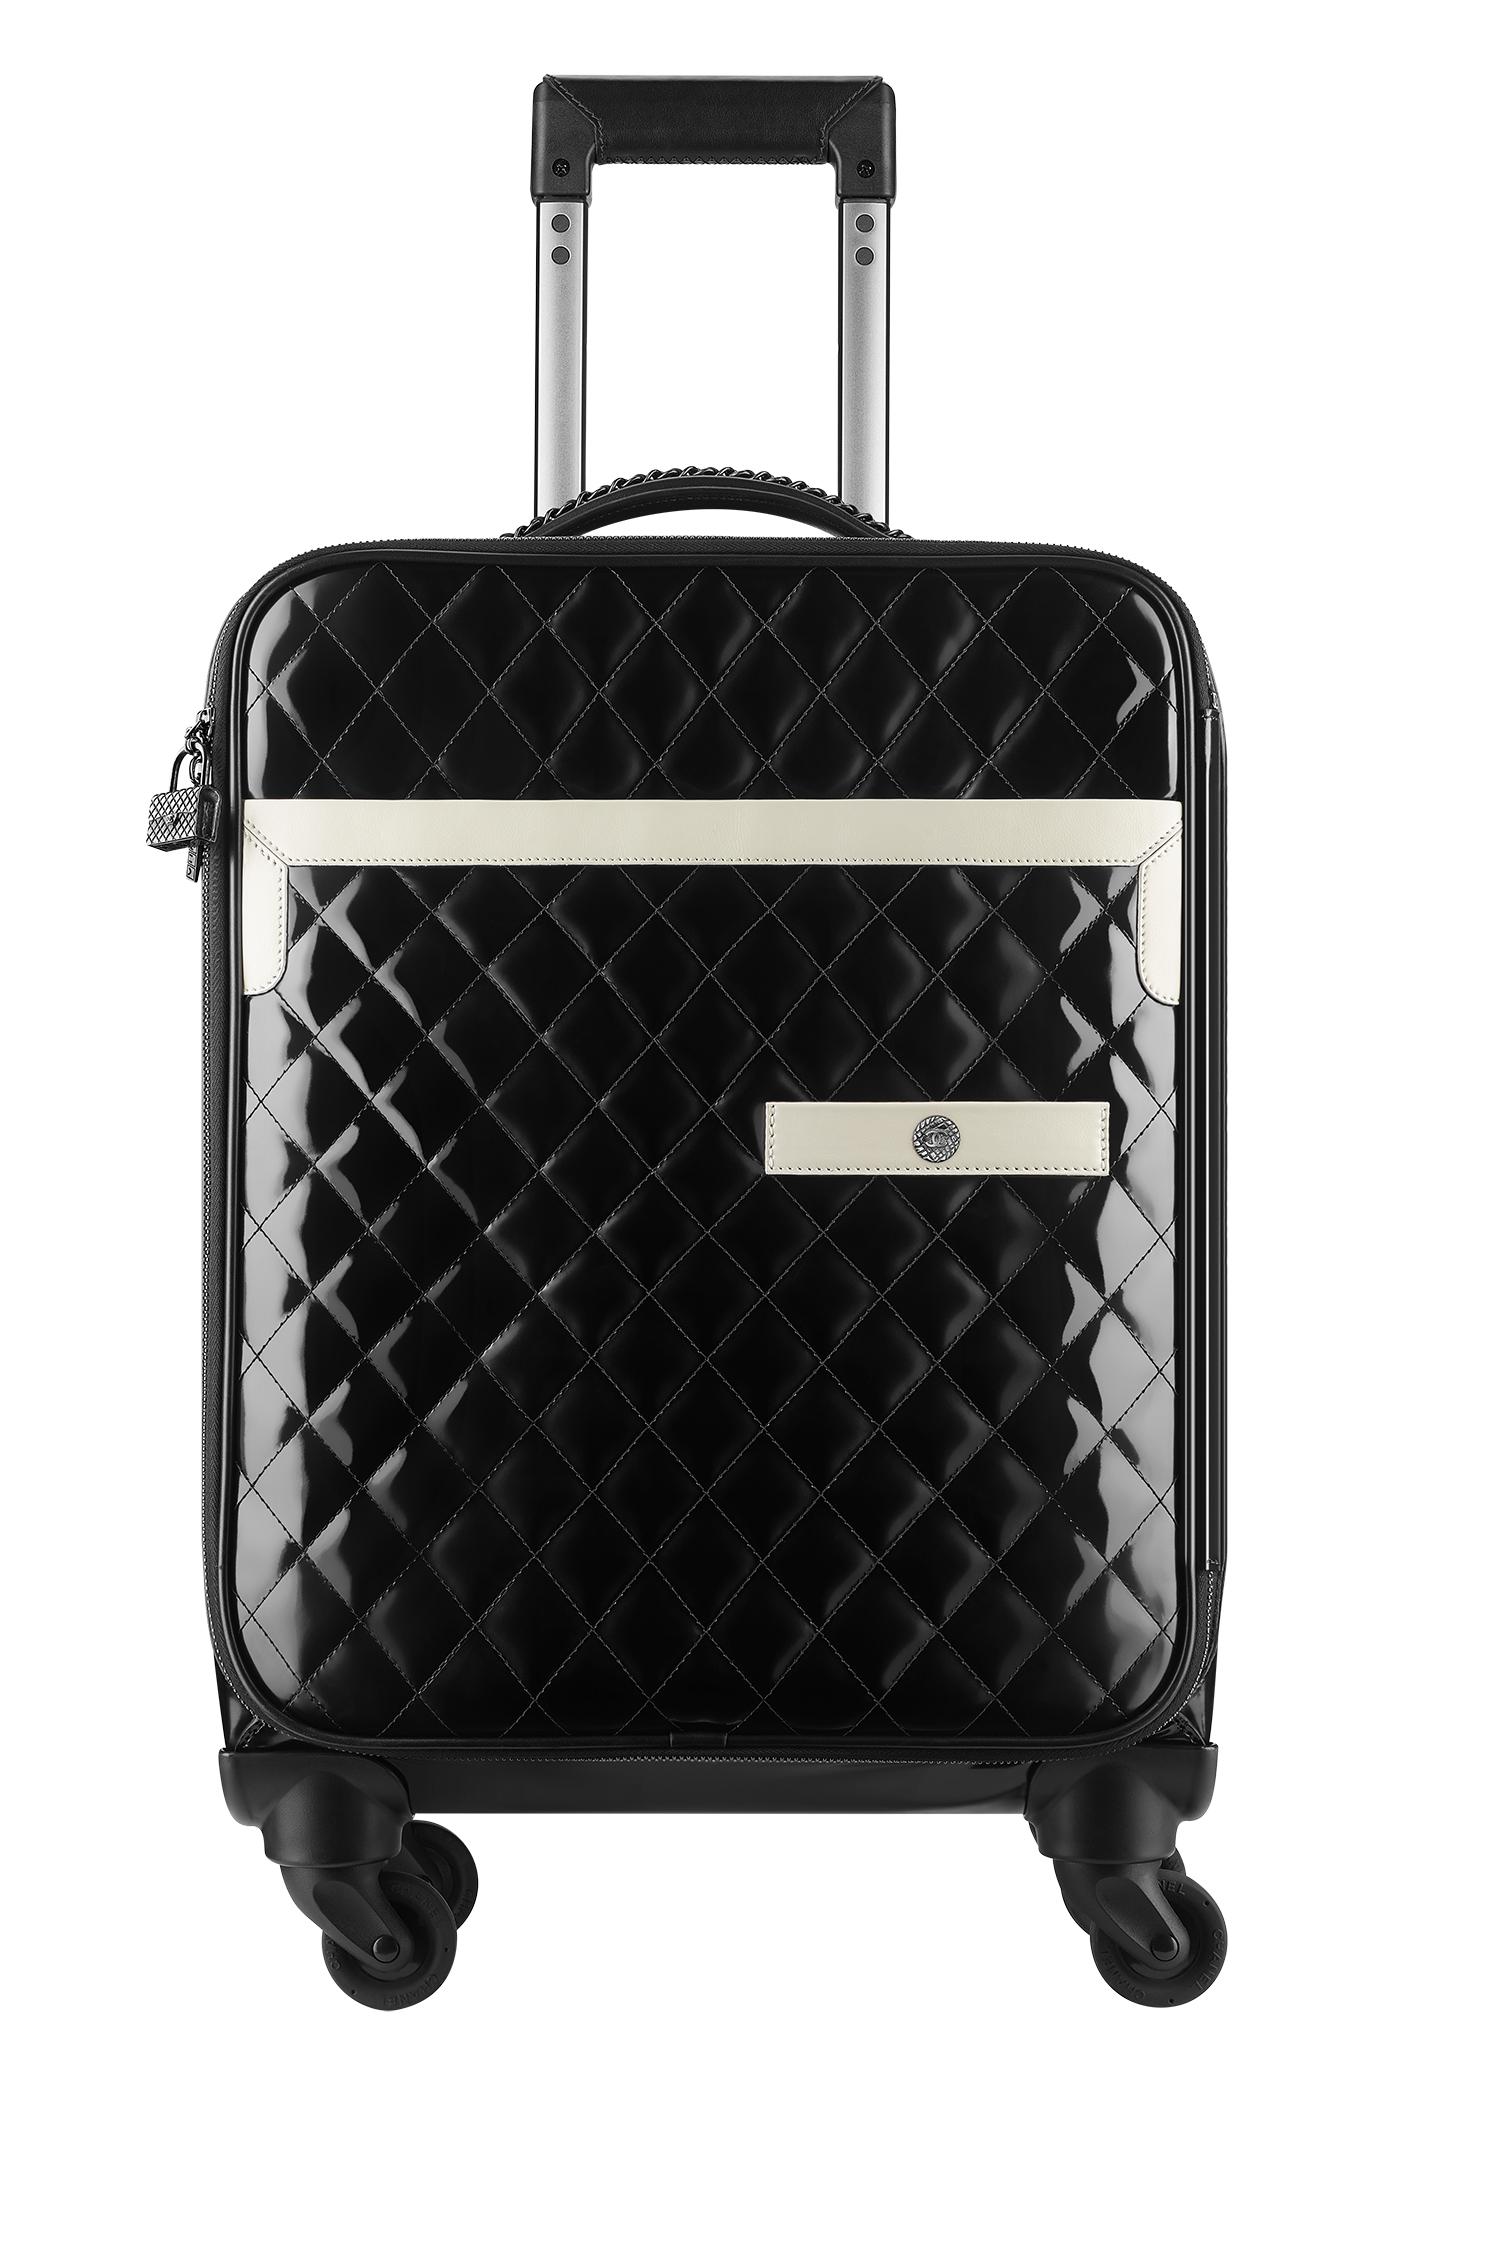 Le borse Chanel della collezione primavera estate 2016